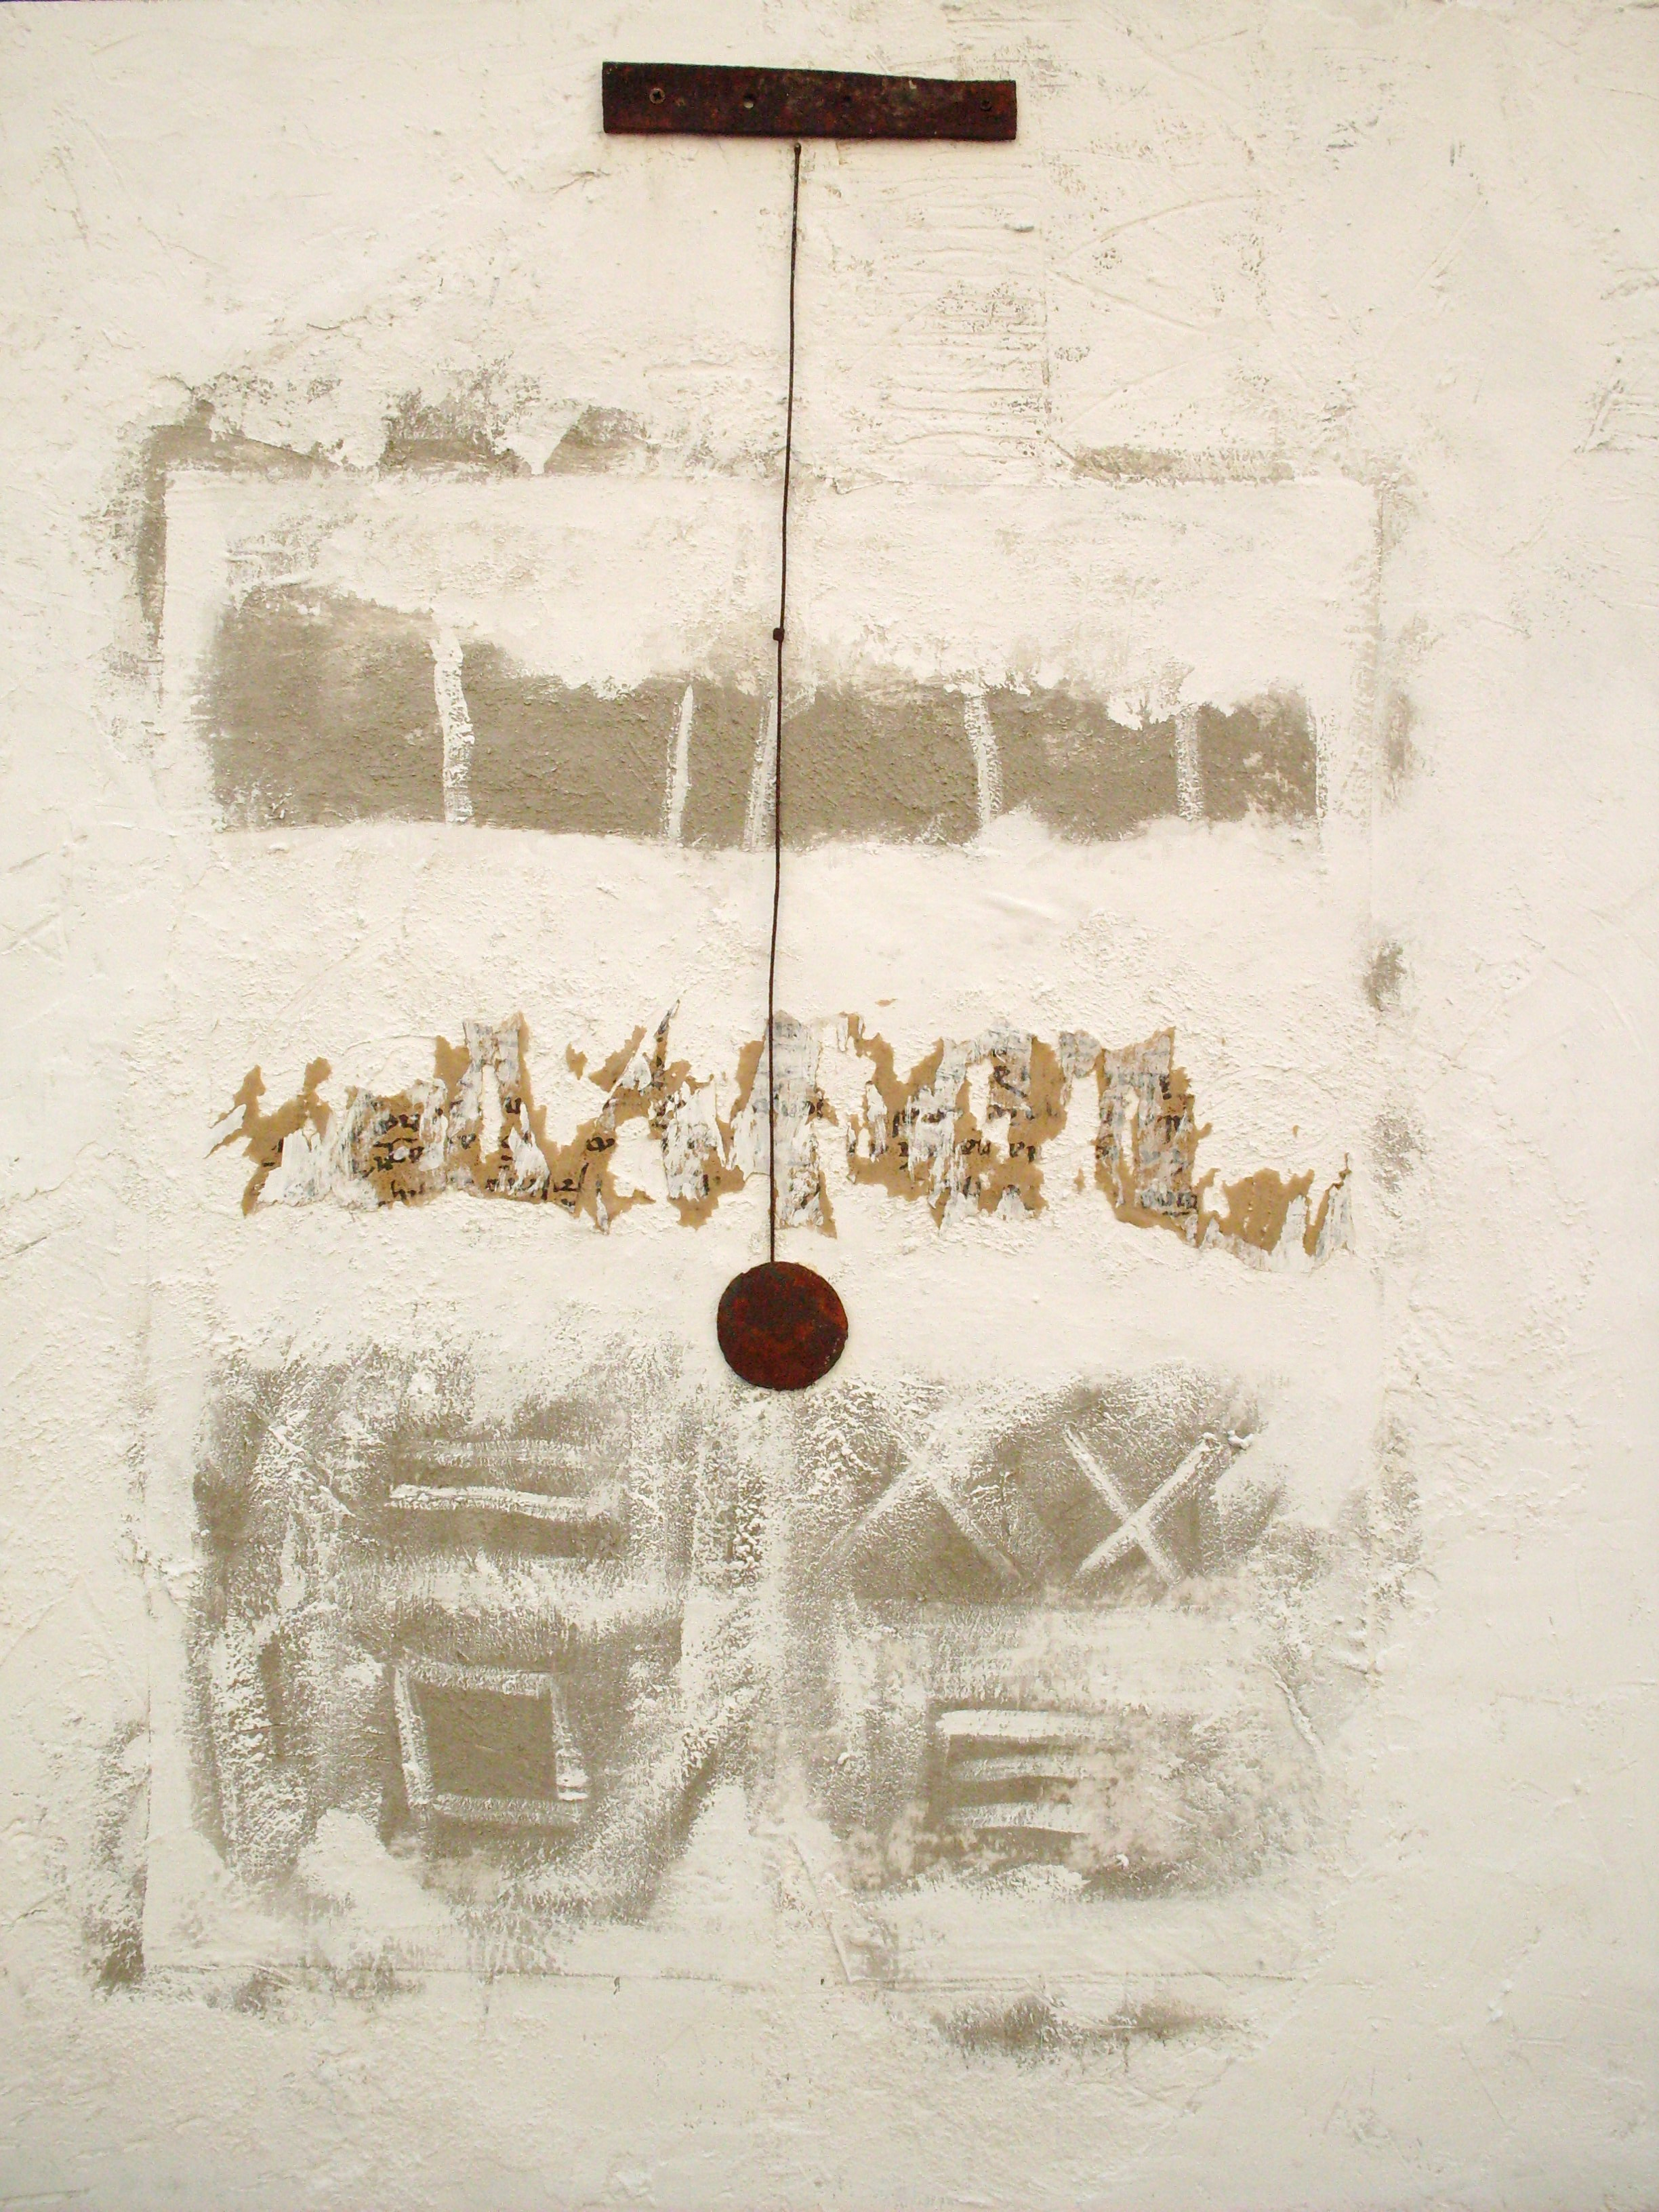 Archeologia della memoria, tecnica mista su tavola e ferro, 120x100, 2013